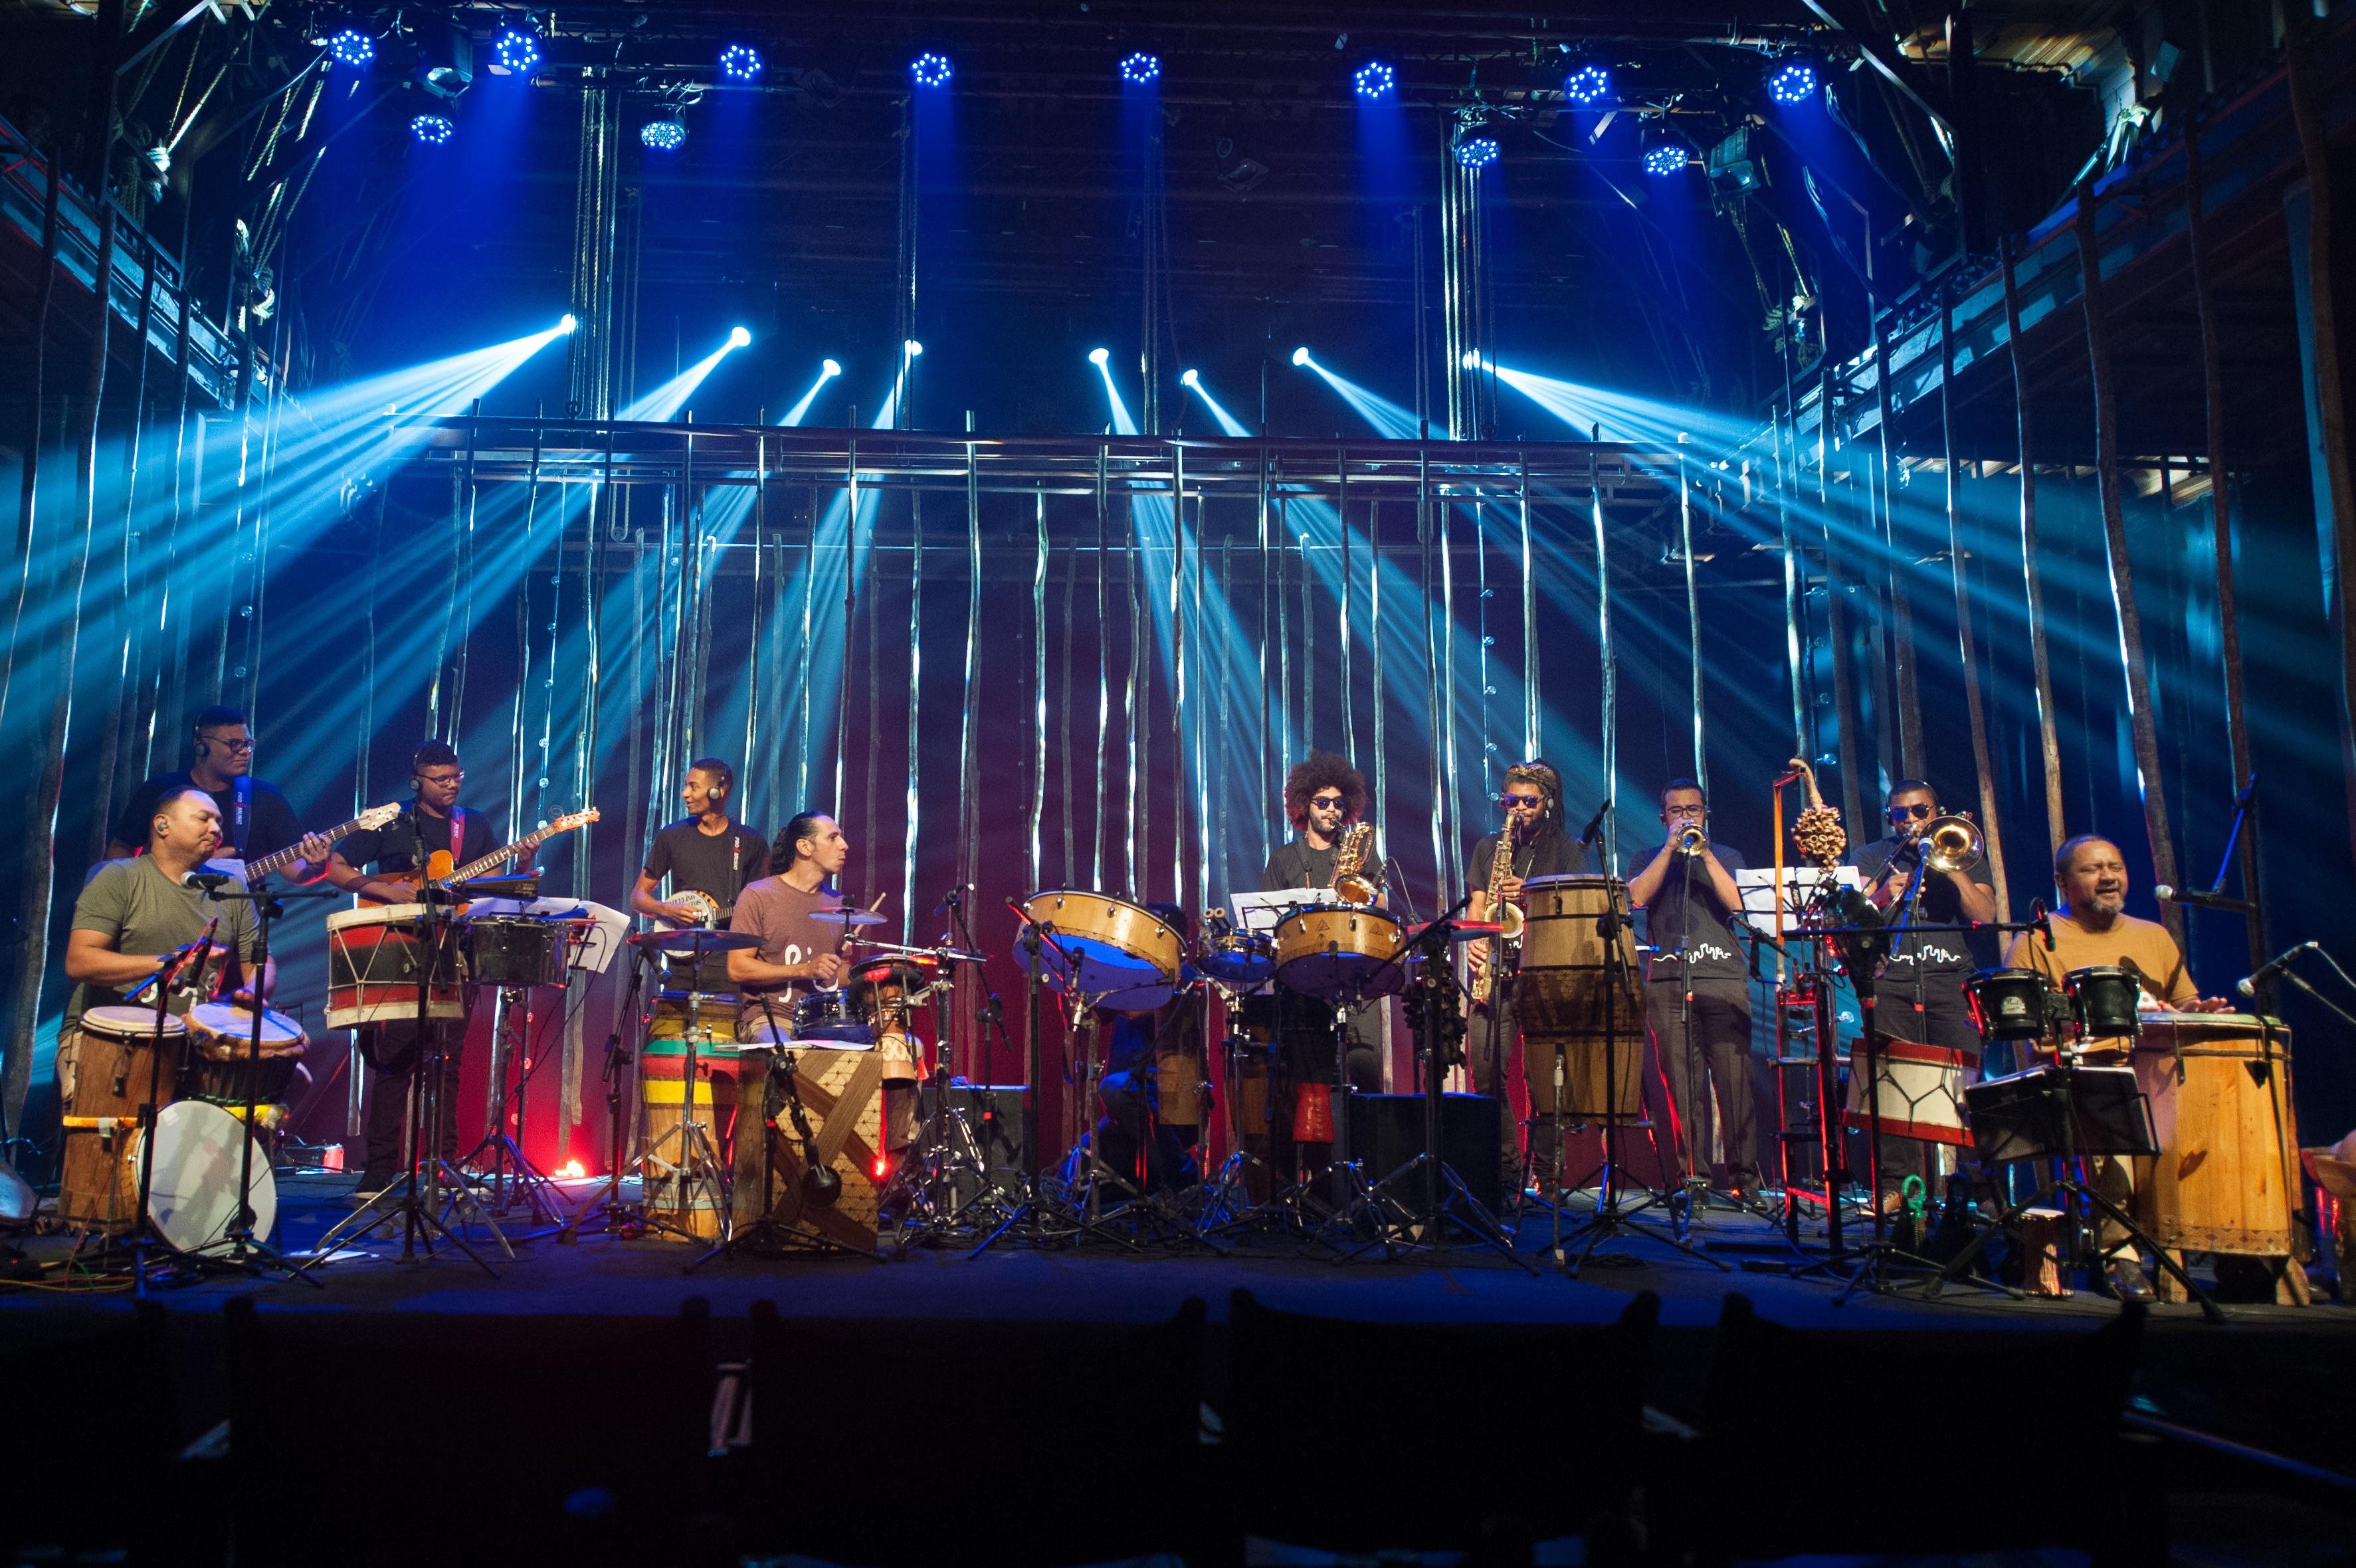 Trio Manari lança DVD em show neste sábado - Notícias - Plantão Diário